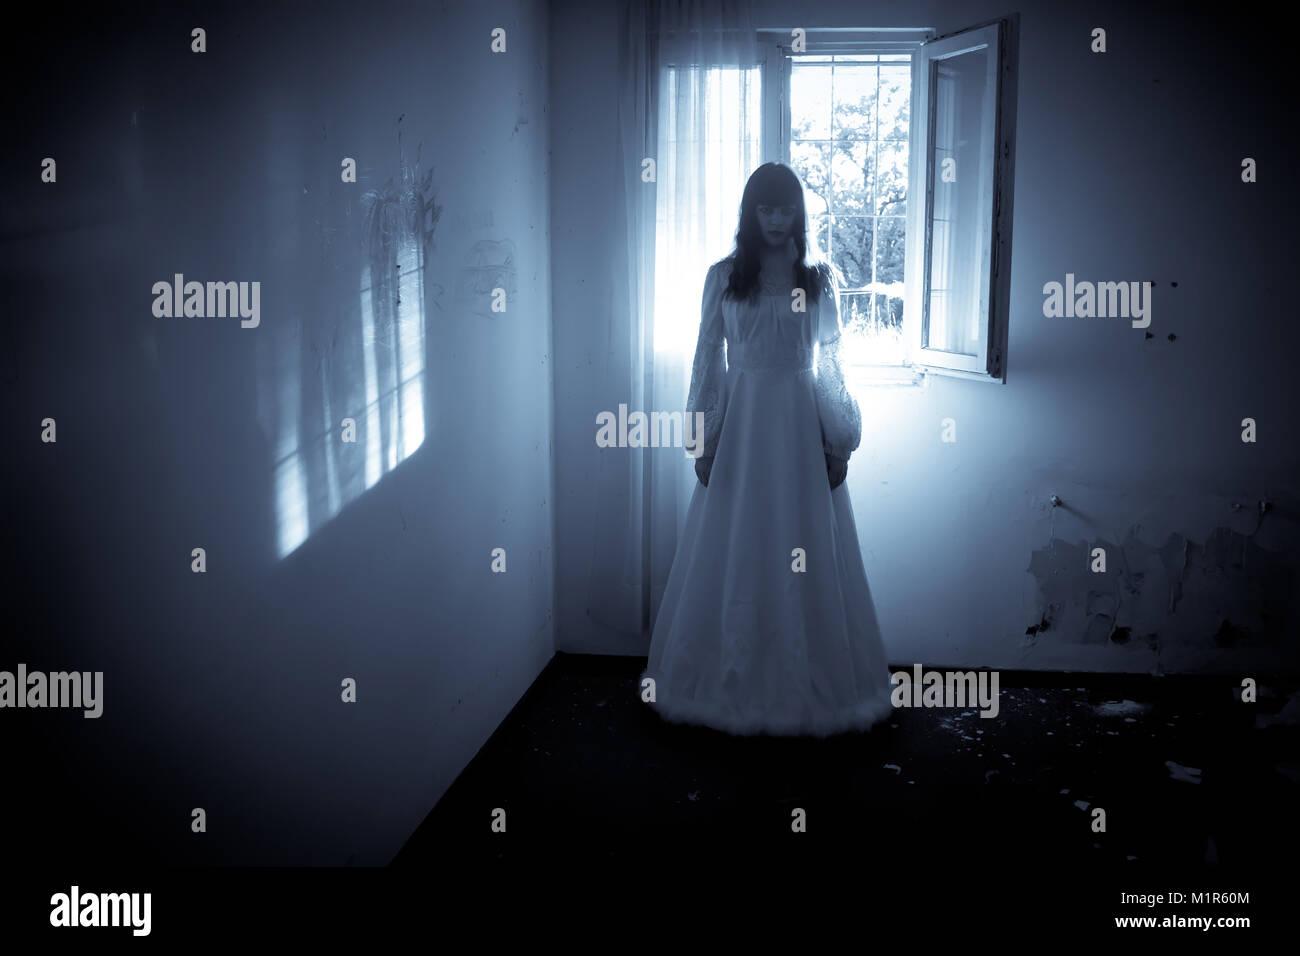 Escena de terror de una mujer espeluznante en el vestido de novia Foto de stock